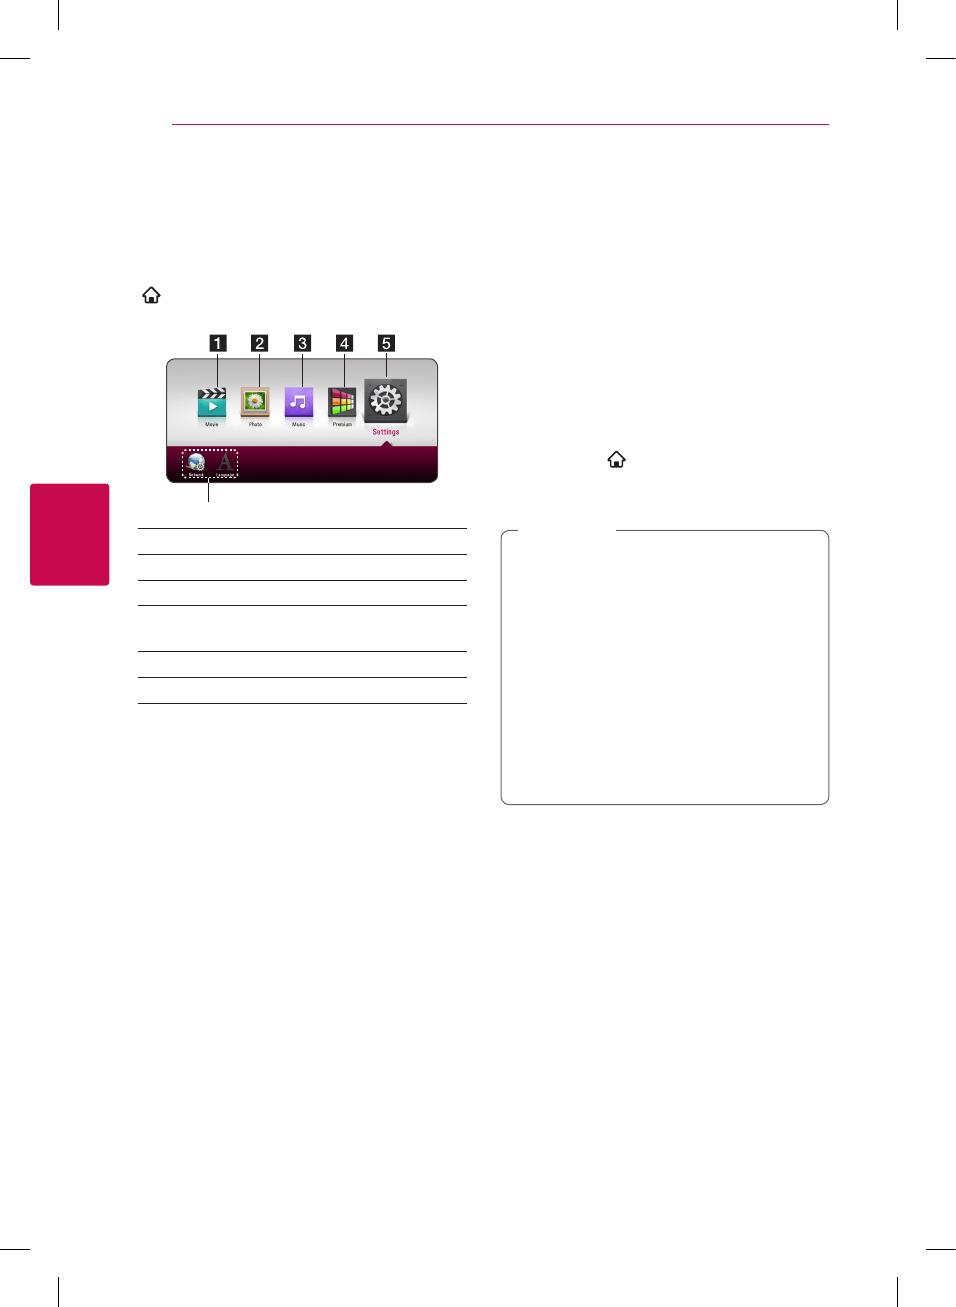 LG BPM35 User Manual Owner's BP350 N(BPM35) MFL68887324